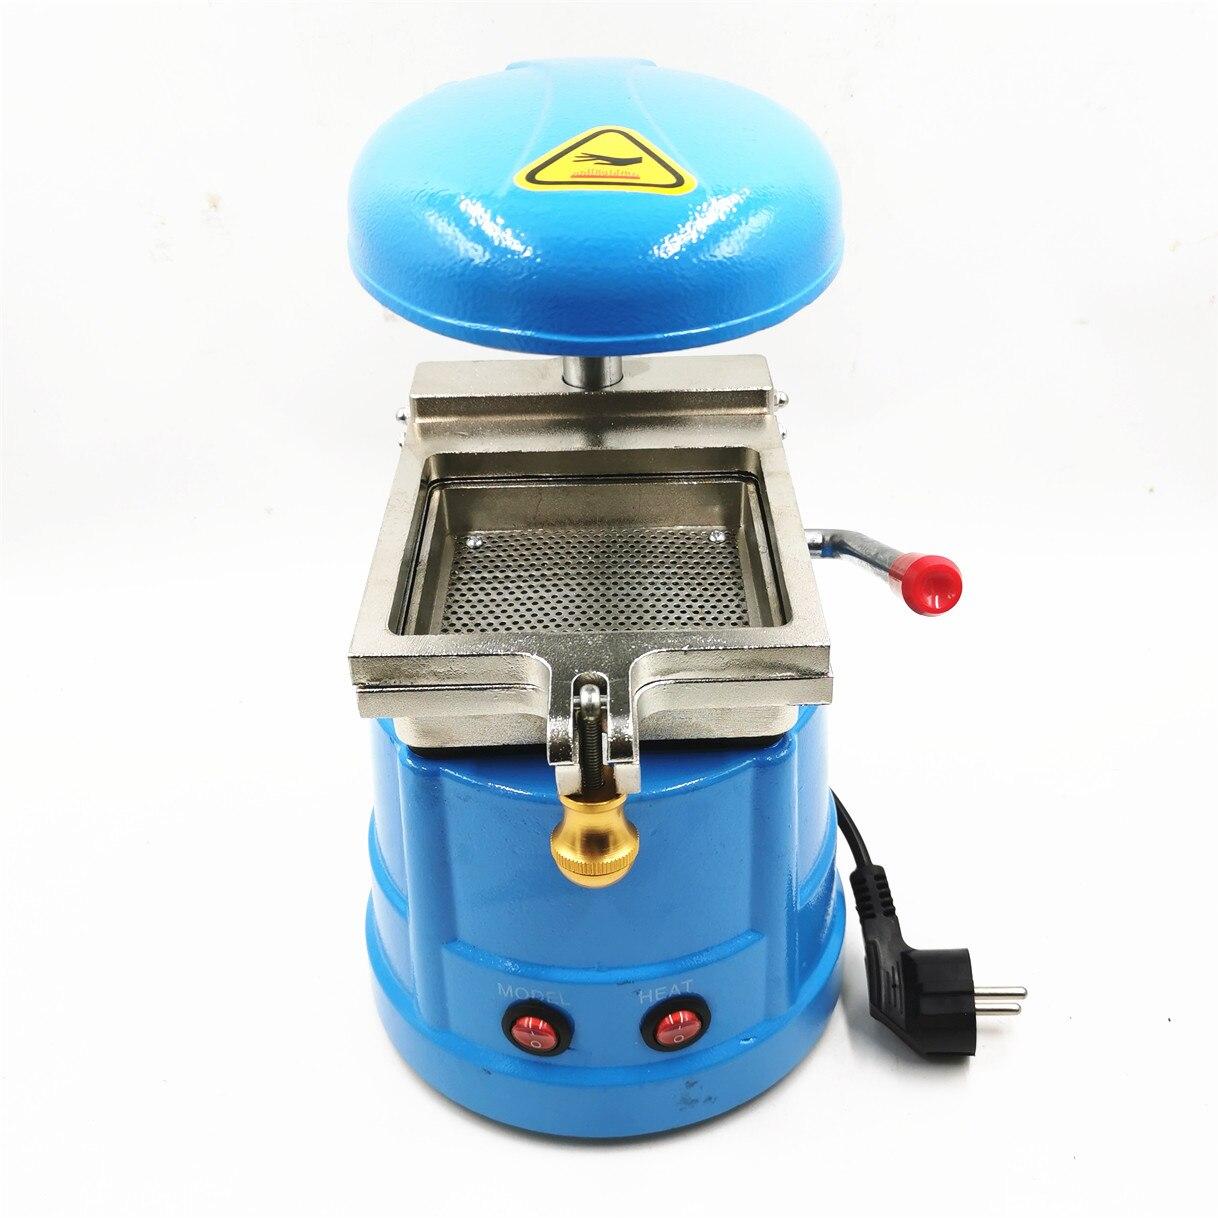 Dental Lab Equipamentos Odontológicos laminador Pequeno Dental Vacuum Ex Vacuum Forming e ferramenta de tomada de material de Máquina de Moldagem Por Via Oral